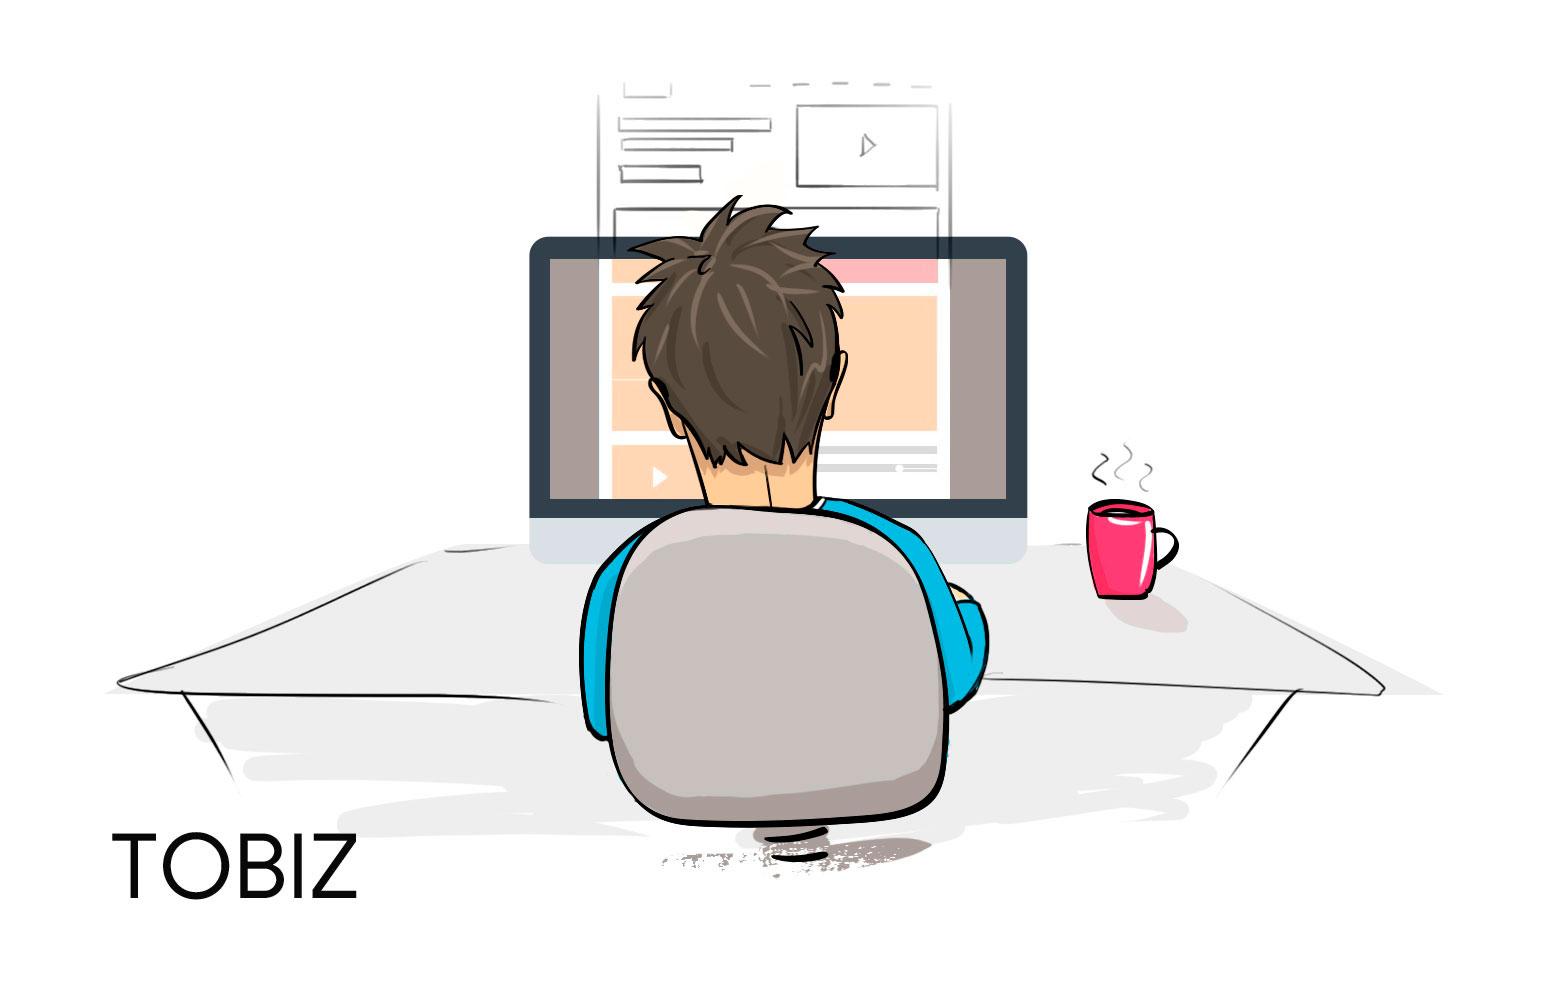 Seo текста для сайта размещение рекламы интернет радио